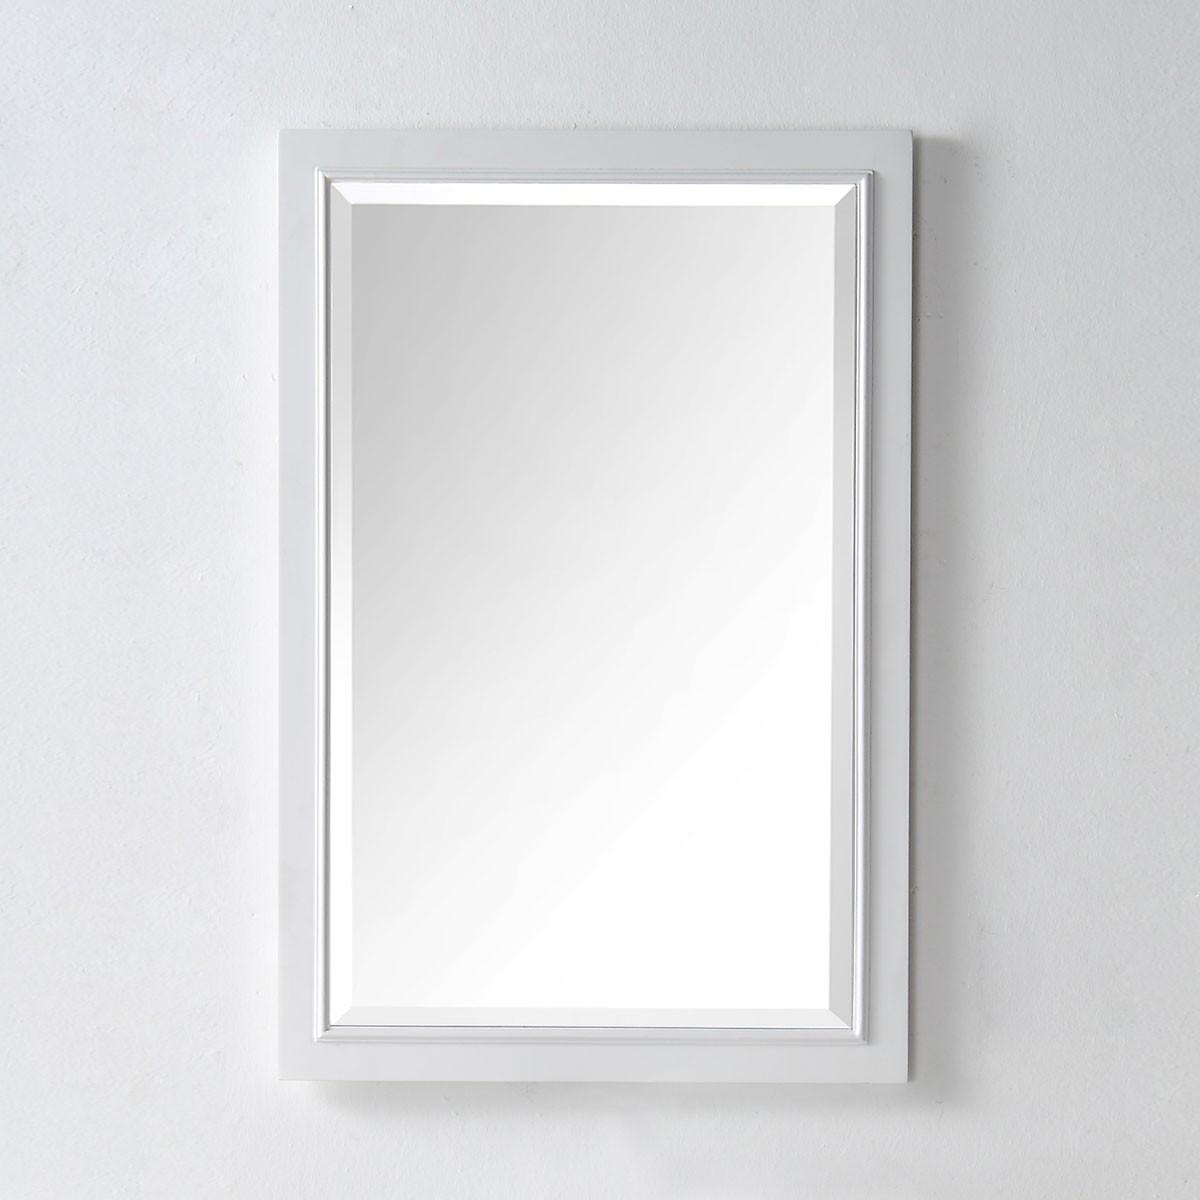 24 x 36 In Mirror with White Frame (DK-6000-WM)